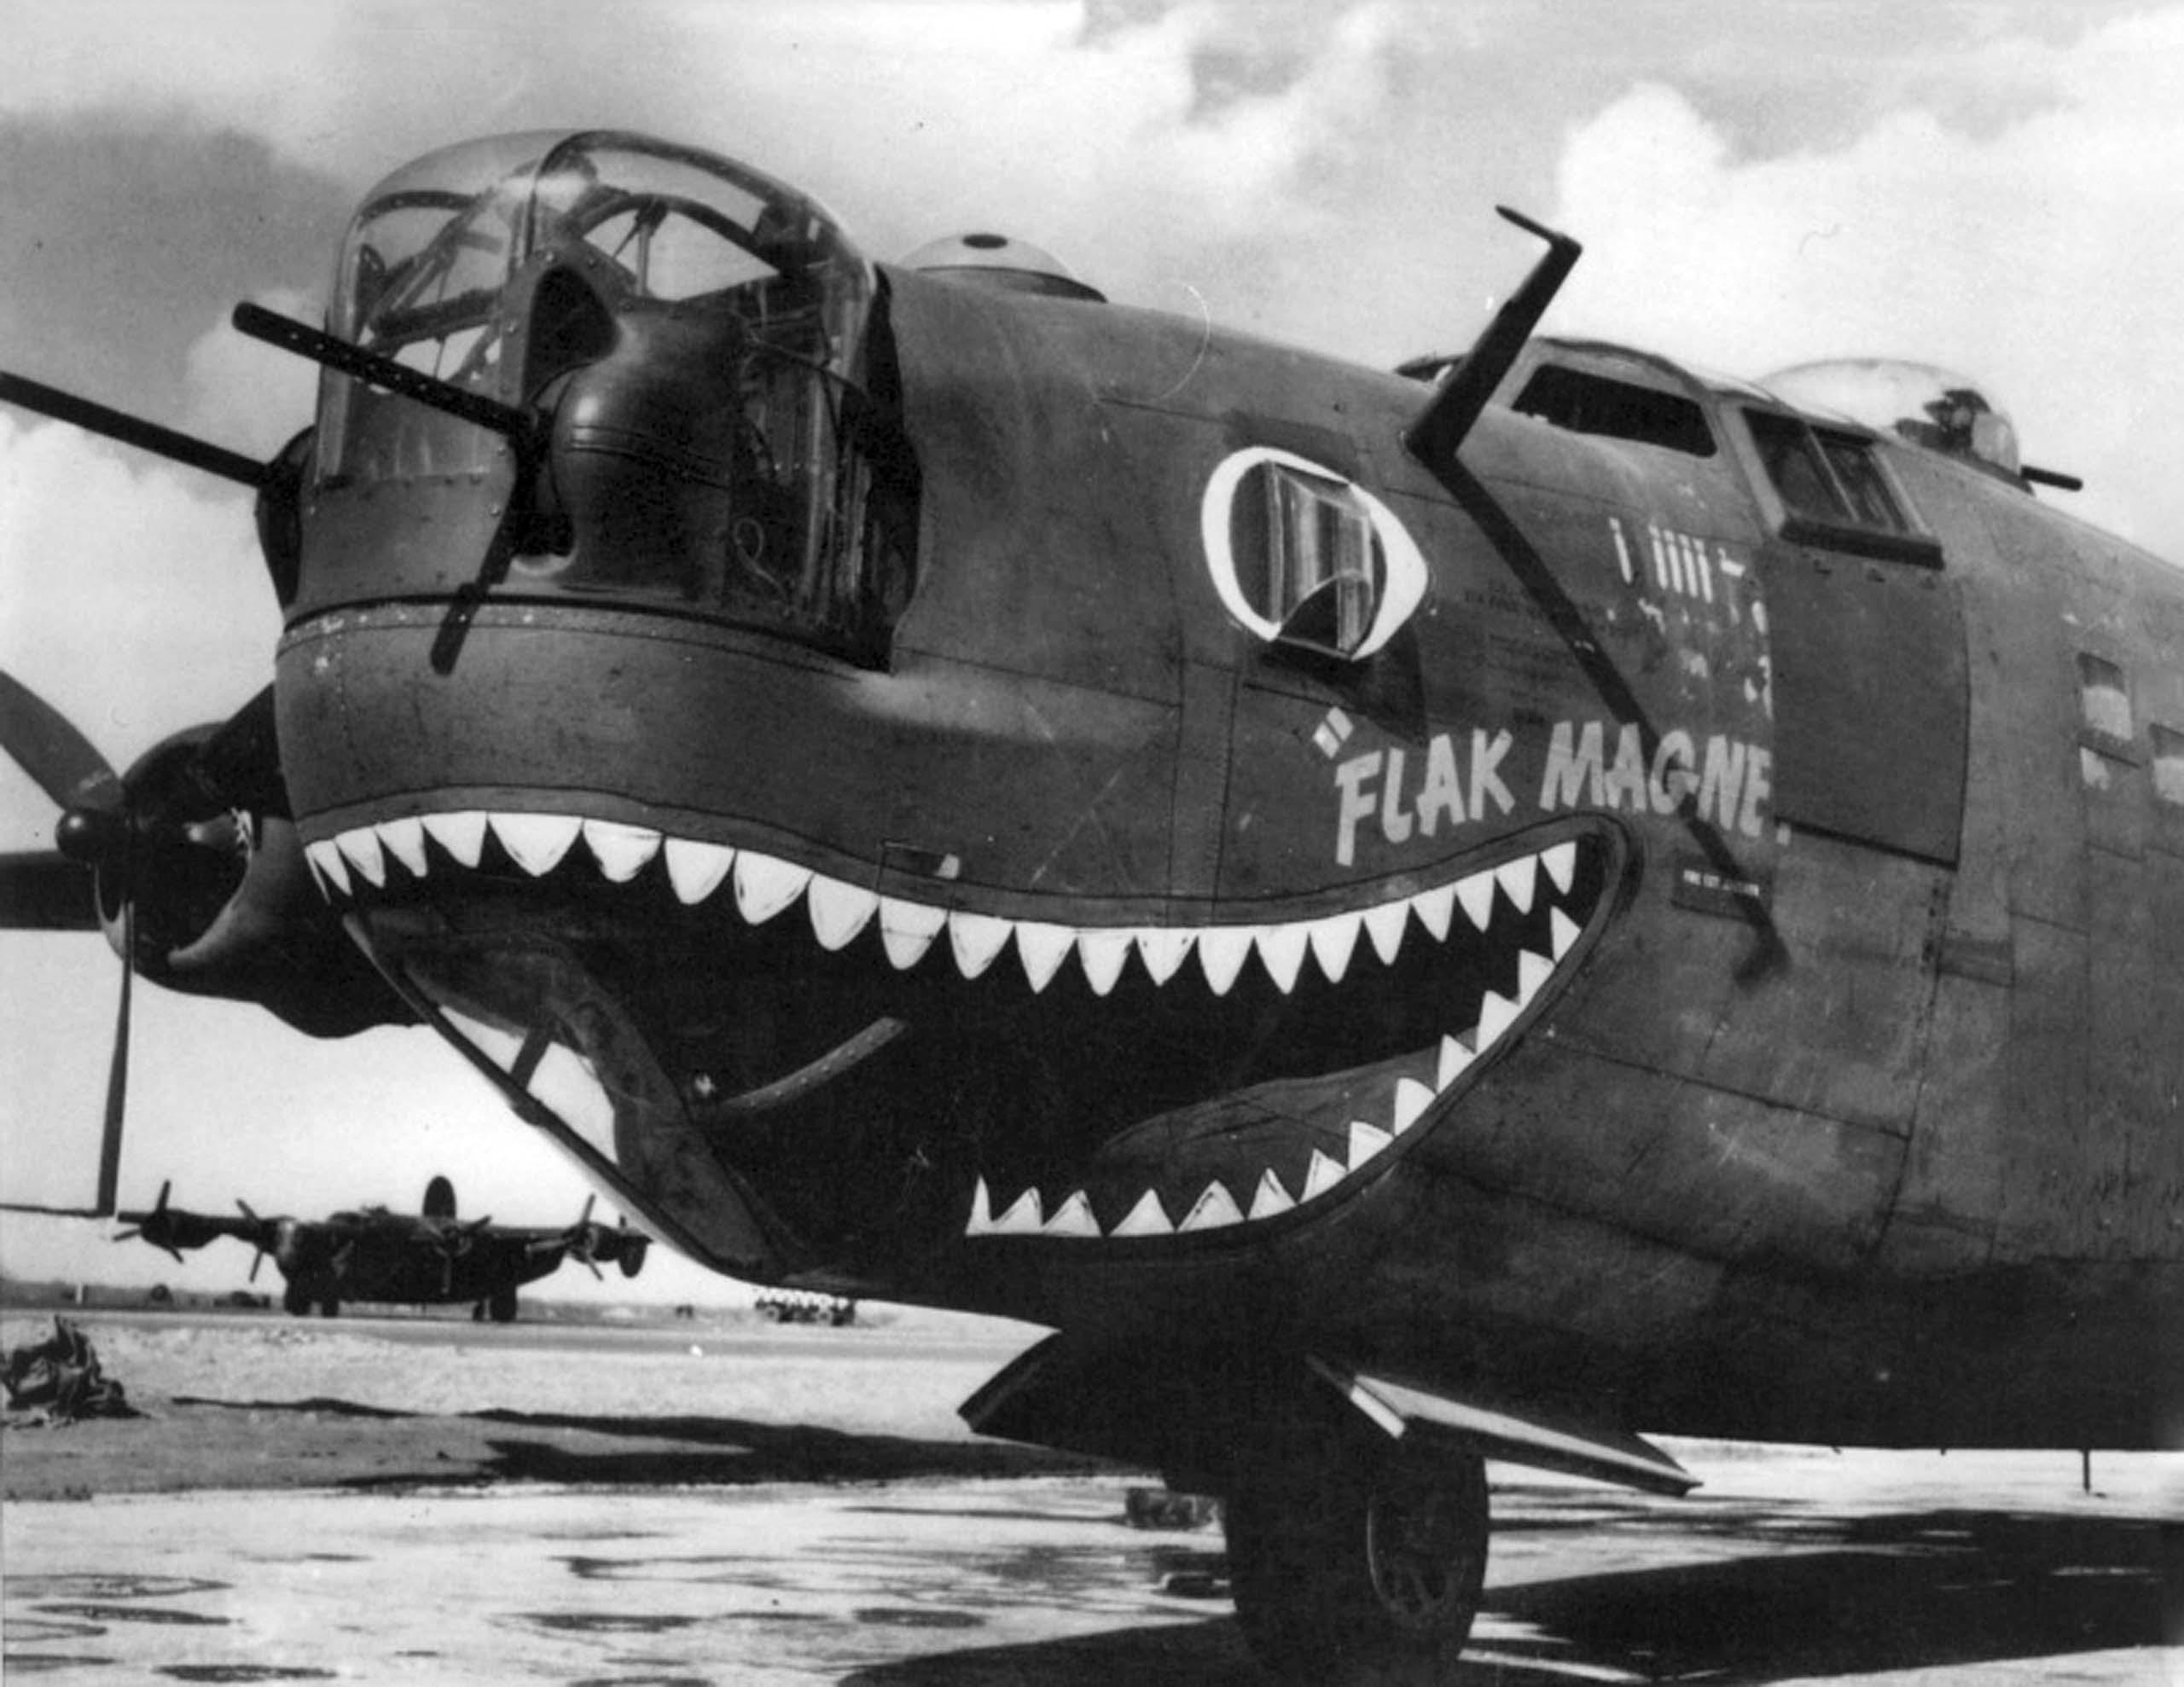 B-24 Flak magnet